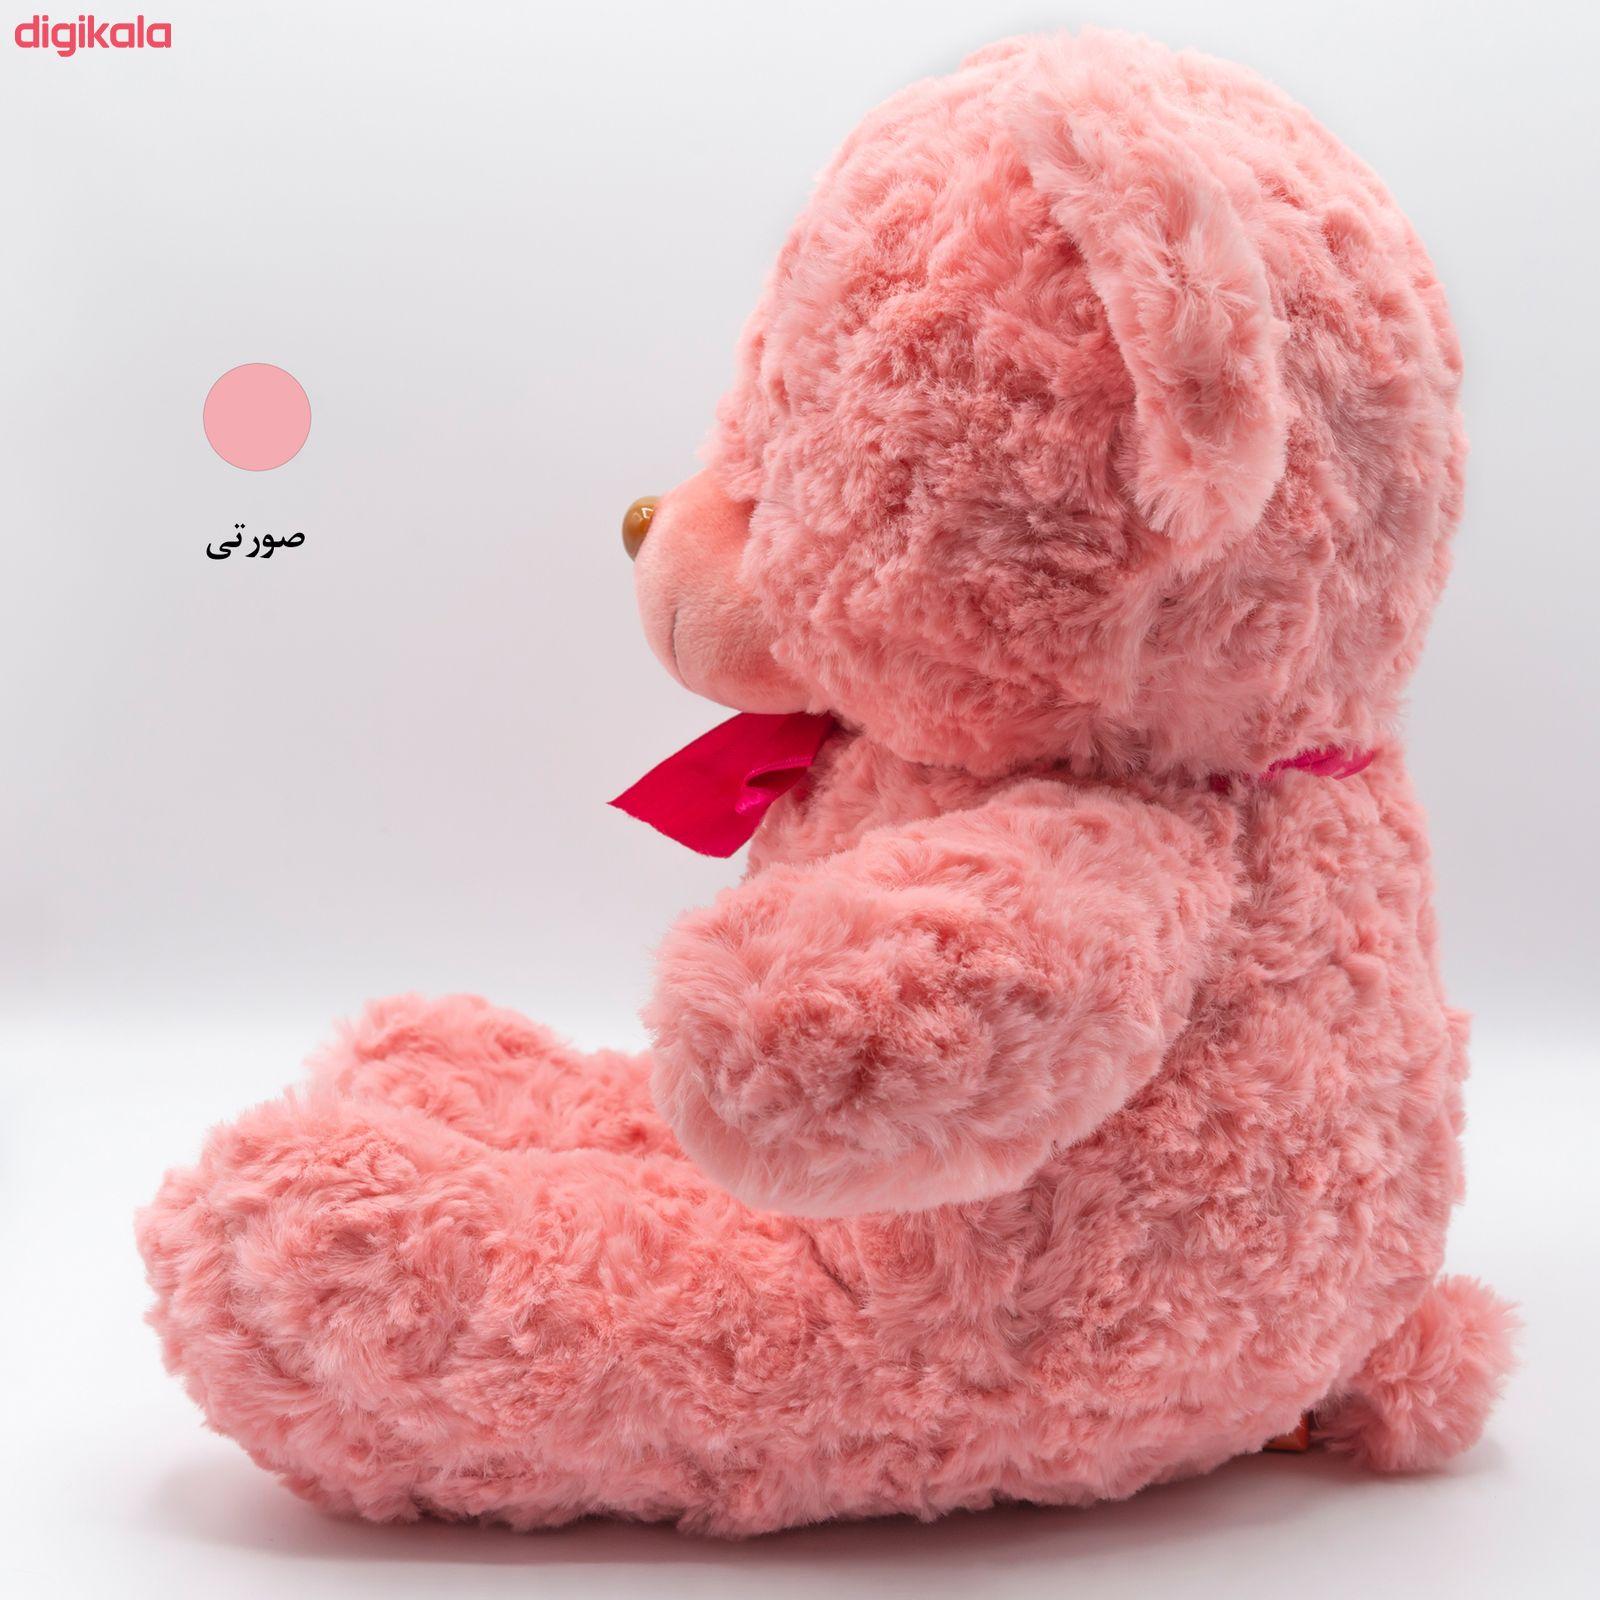 عروسک بی جی دا طرح خرس مهربان کد BT11444 ارتفاع 38 سانتی متر